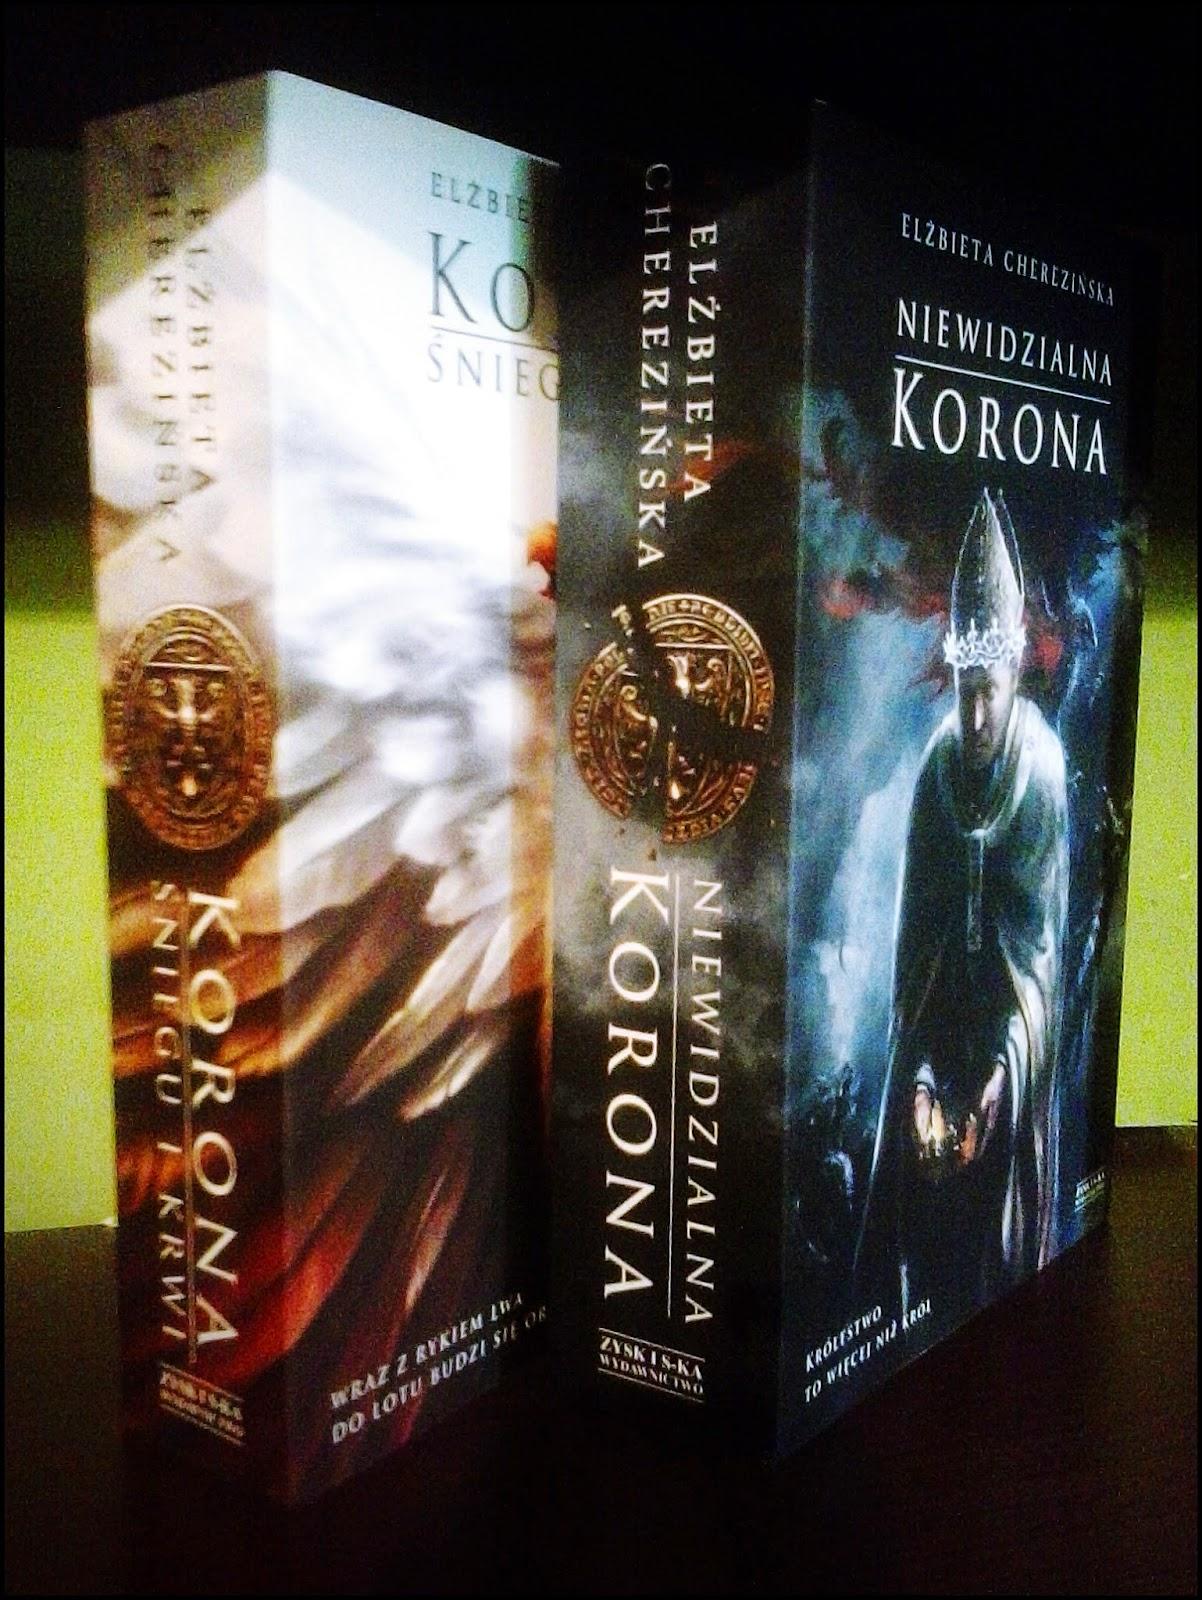 Odrodzone królestwo, seria, zdjęcie książek, Cherezińska